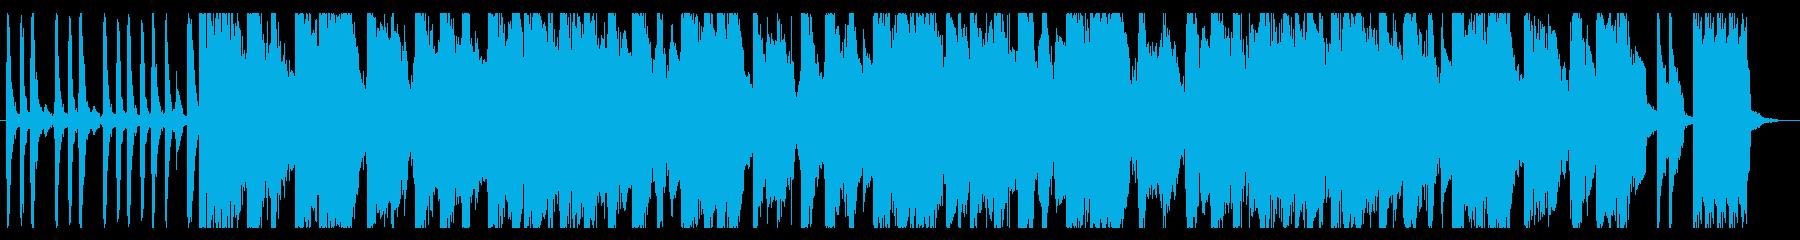 キラキラ/エレクトロポップNo388_4の再生済みの波形